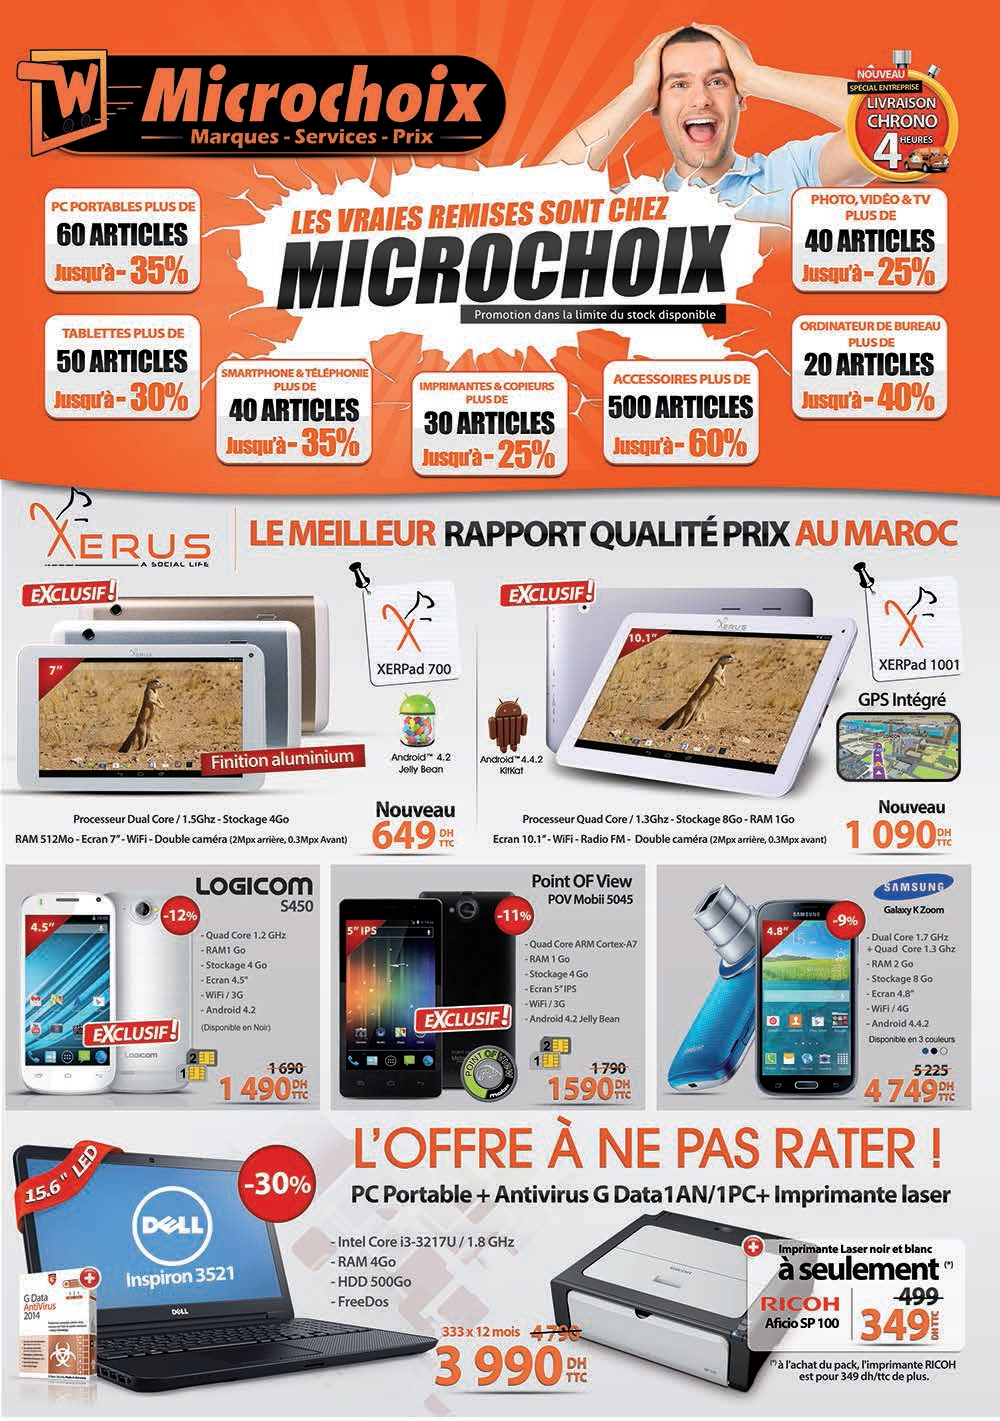 Microchoix Catalogue Promotionnel Octobre 2014 Promotion